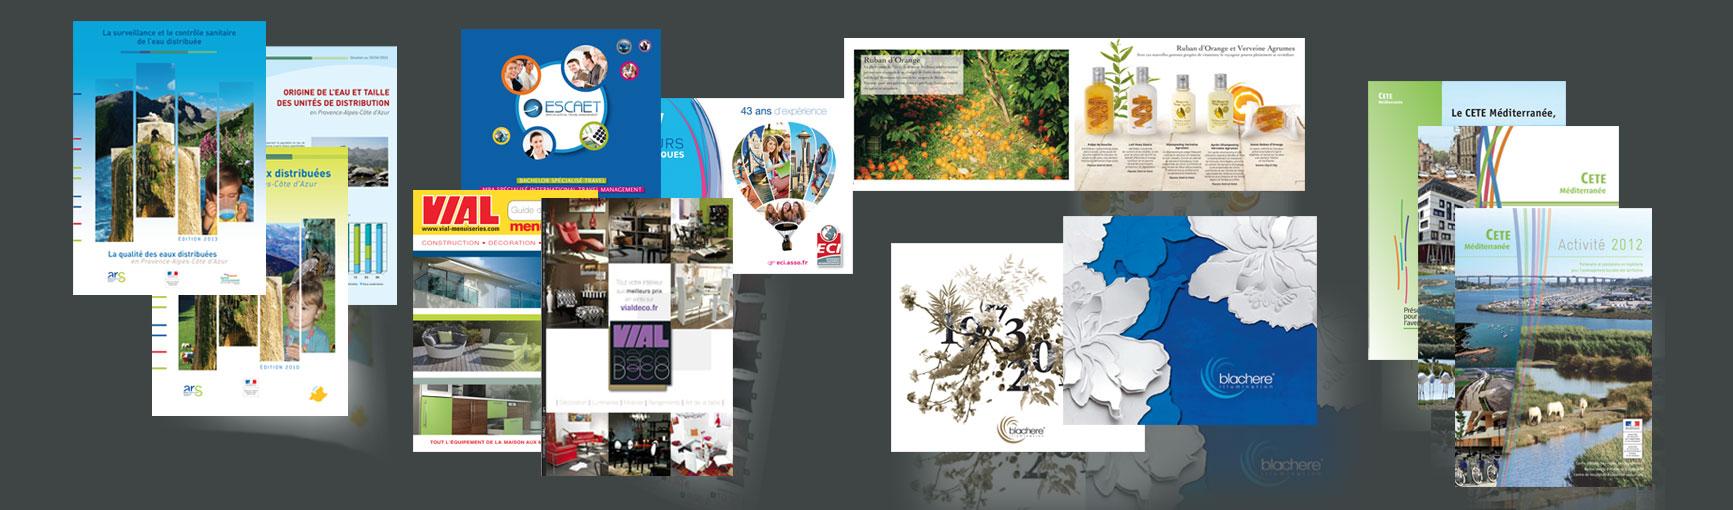 conception graphique de brochures sur aix en provence